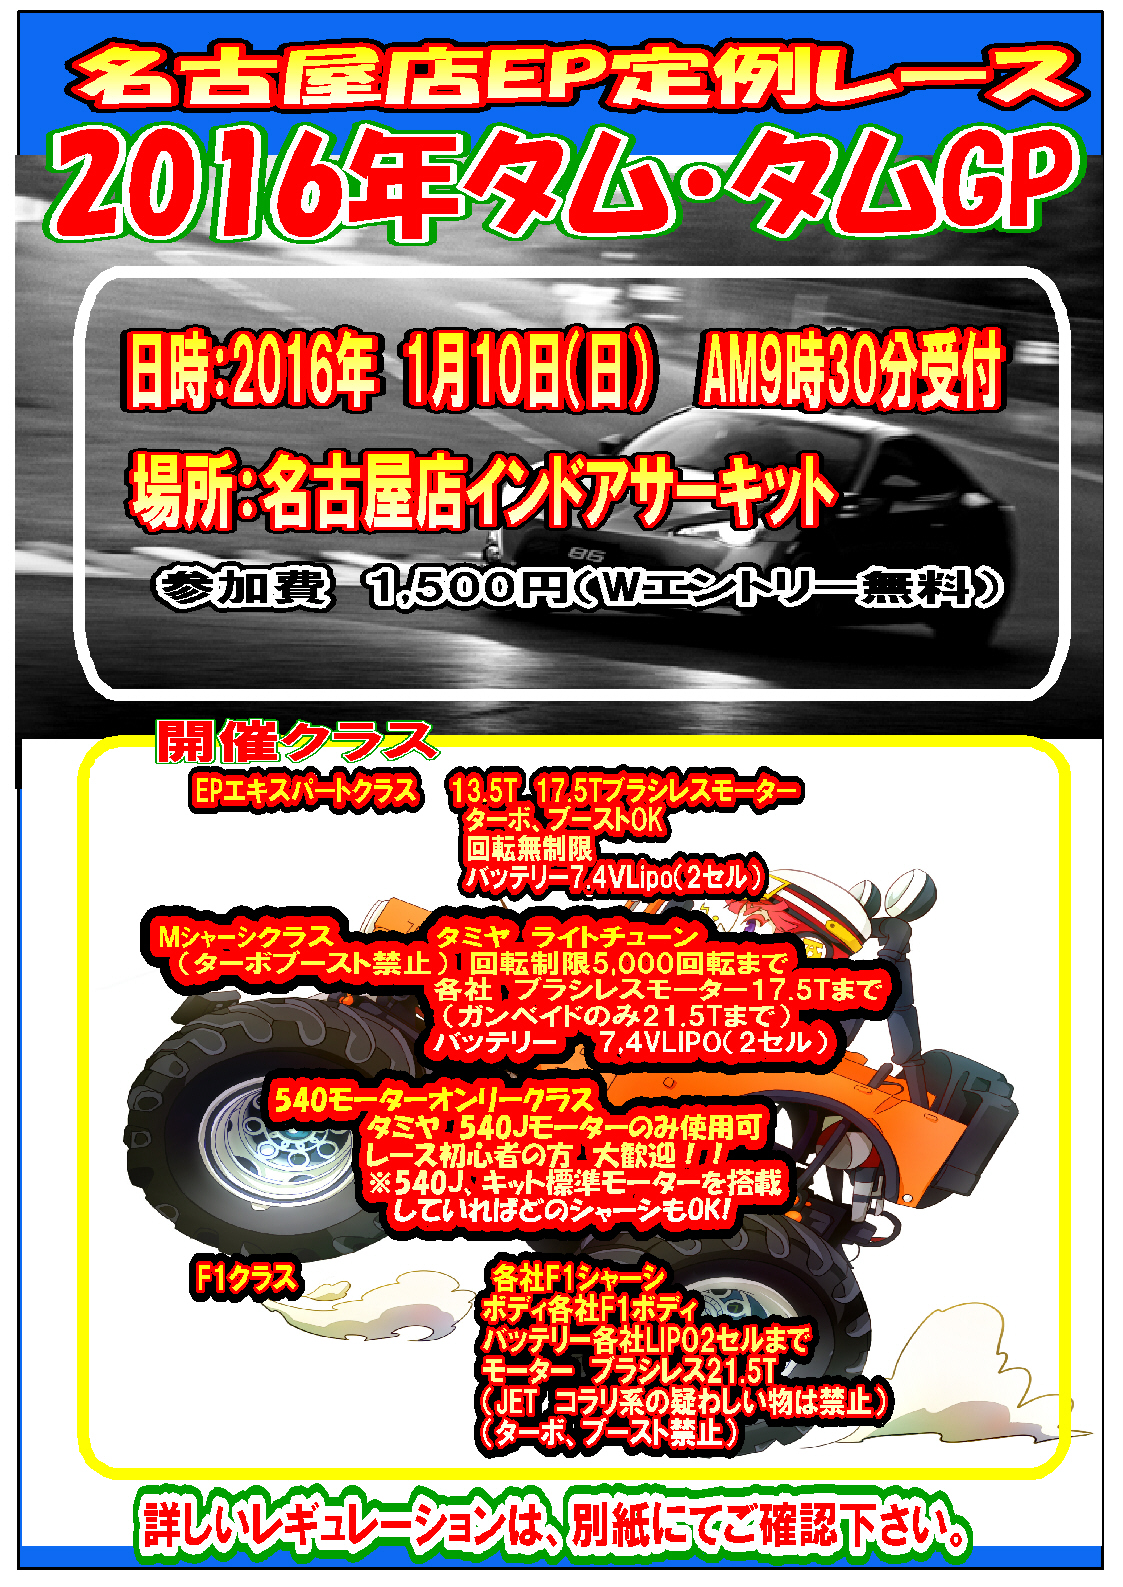 名古屋店RCイベントタム・タムGP開催のお知らせ